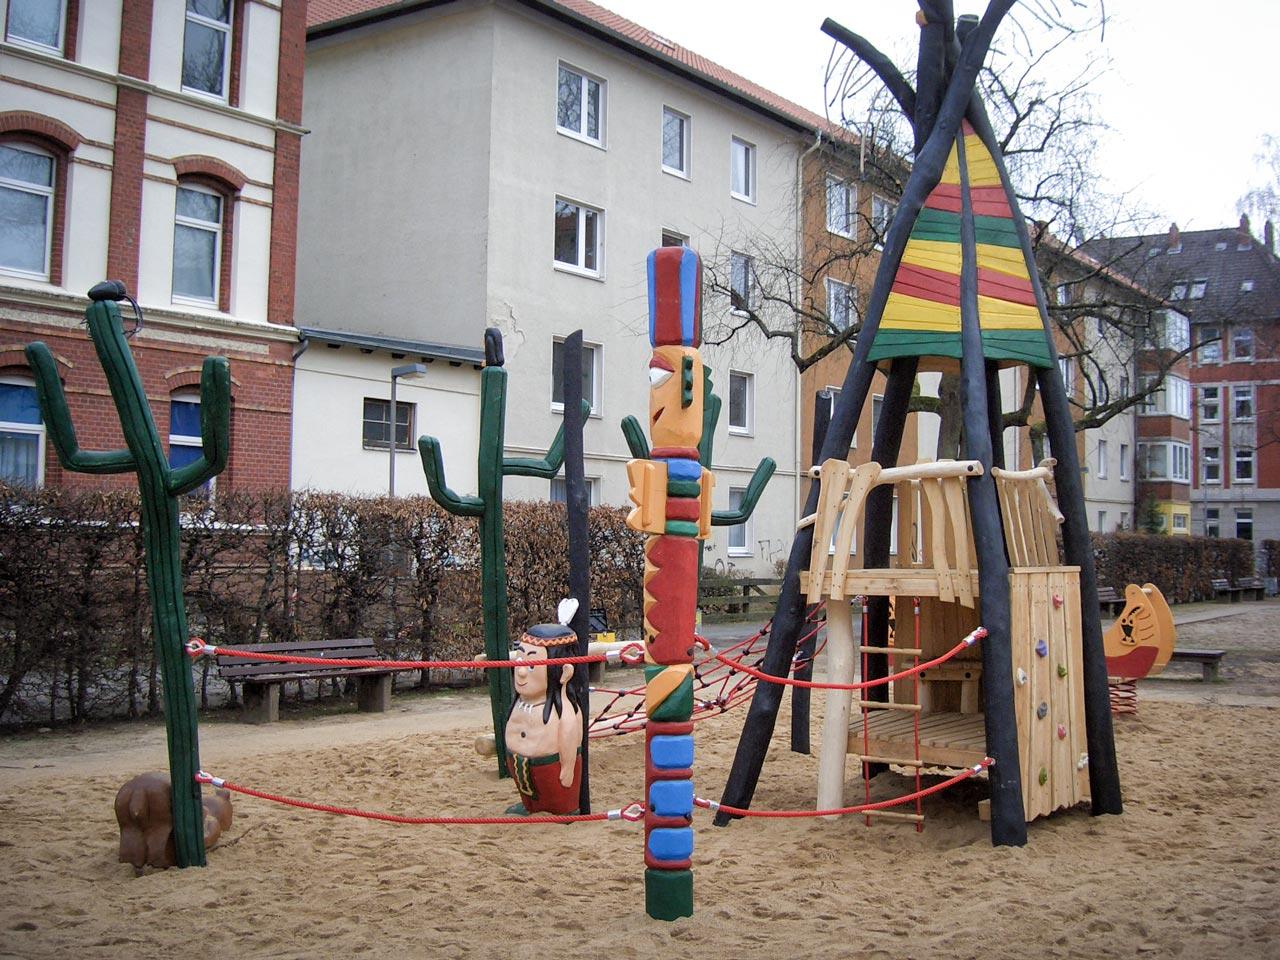 A 144 Themenspielplatz Indianerdorf